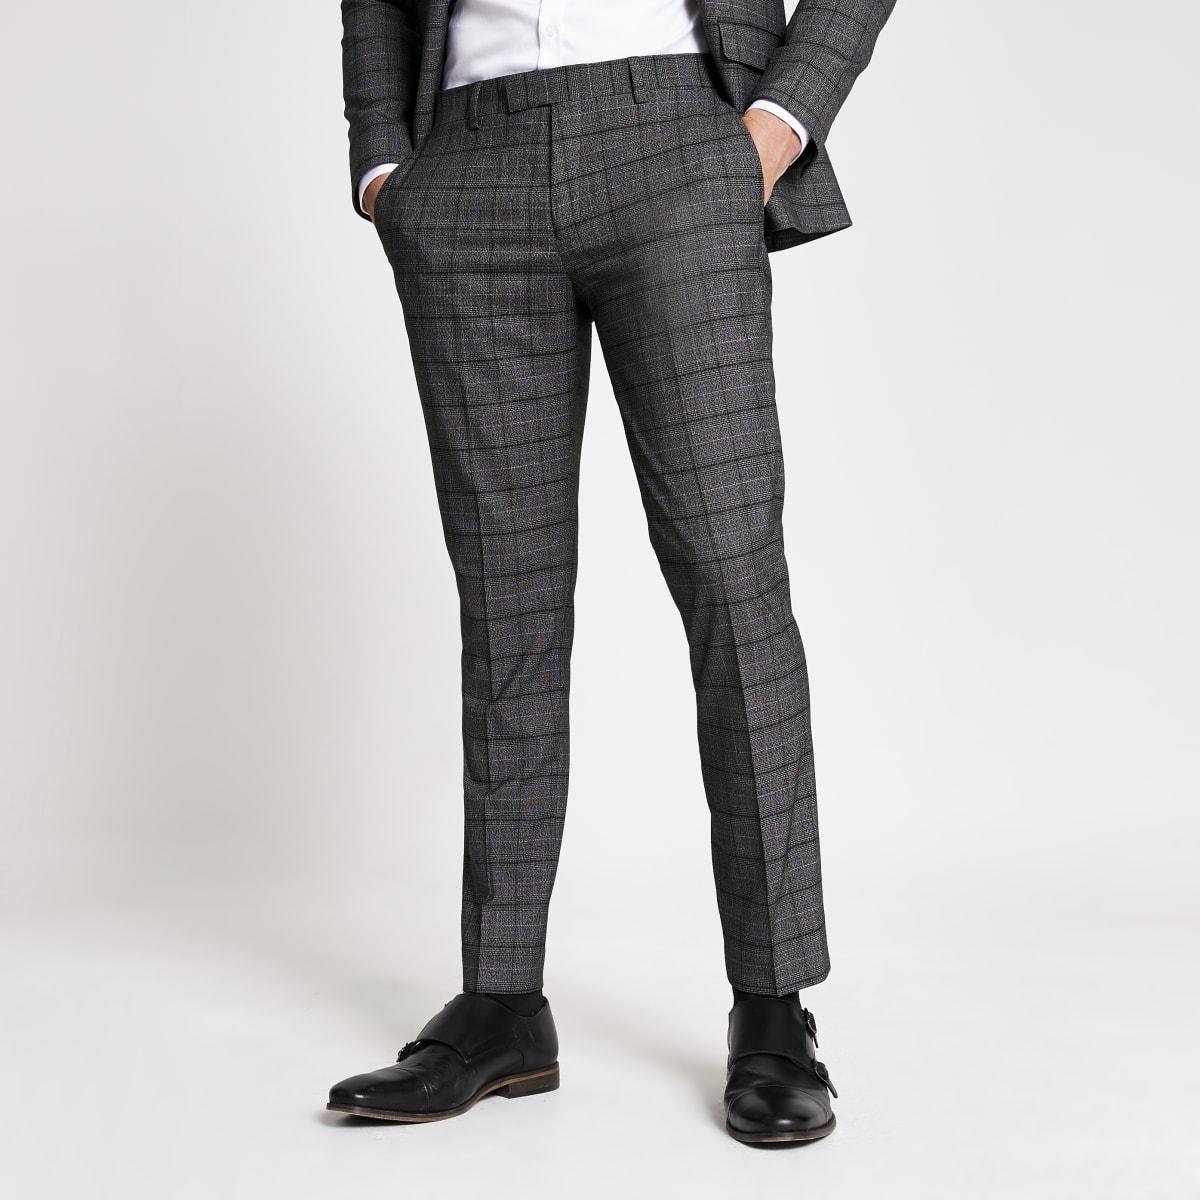 Donkergrijze geruite stretch skinny pantalon